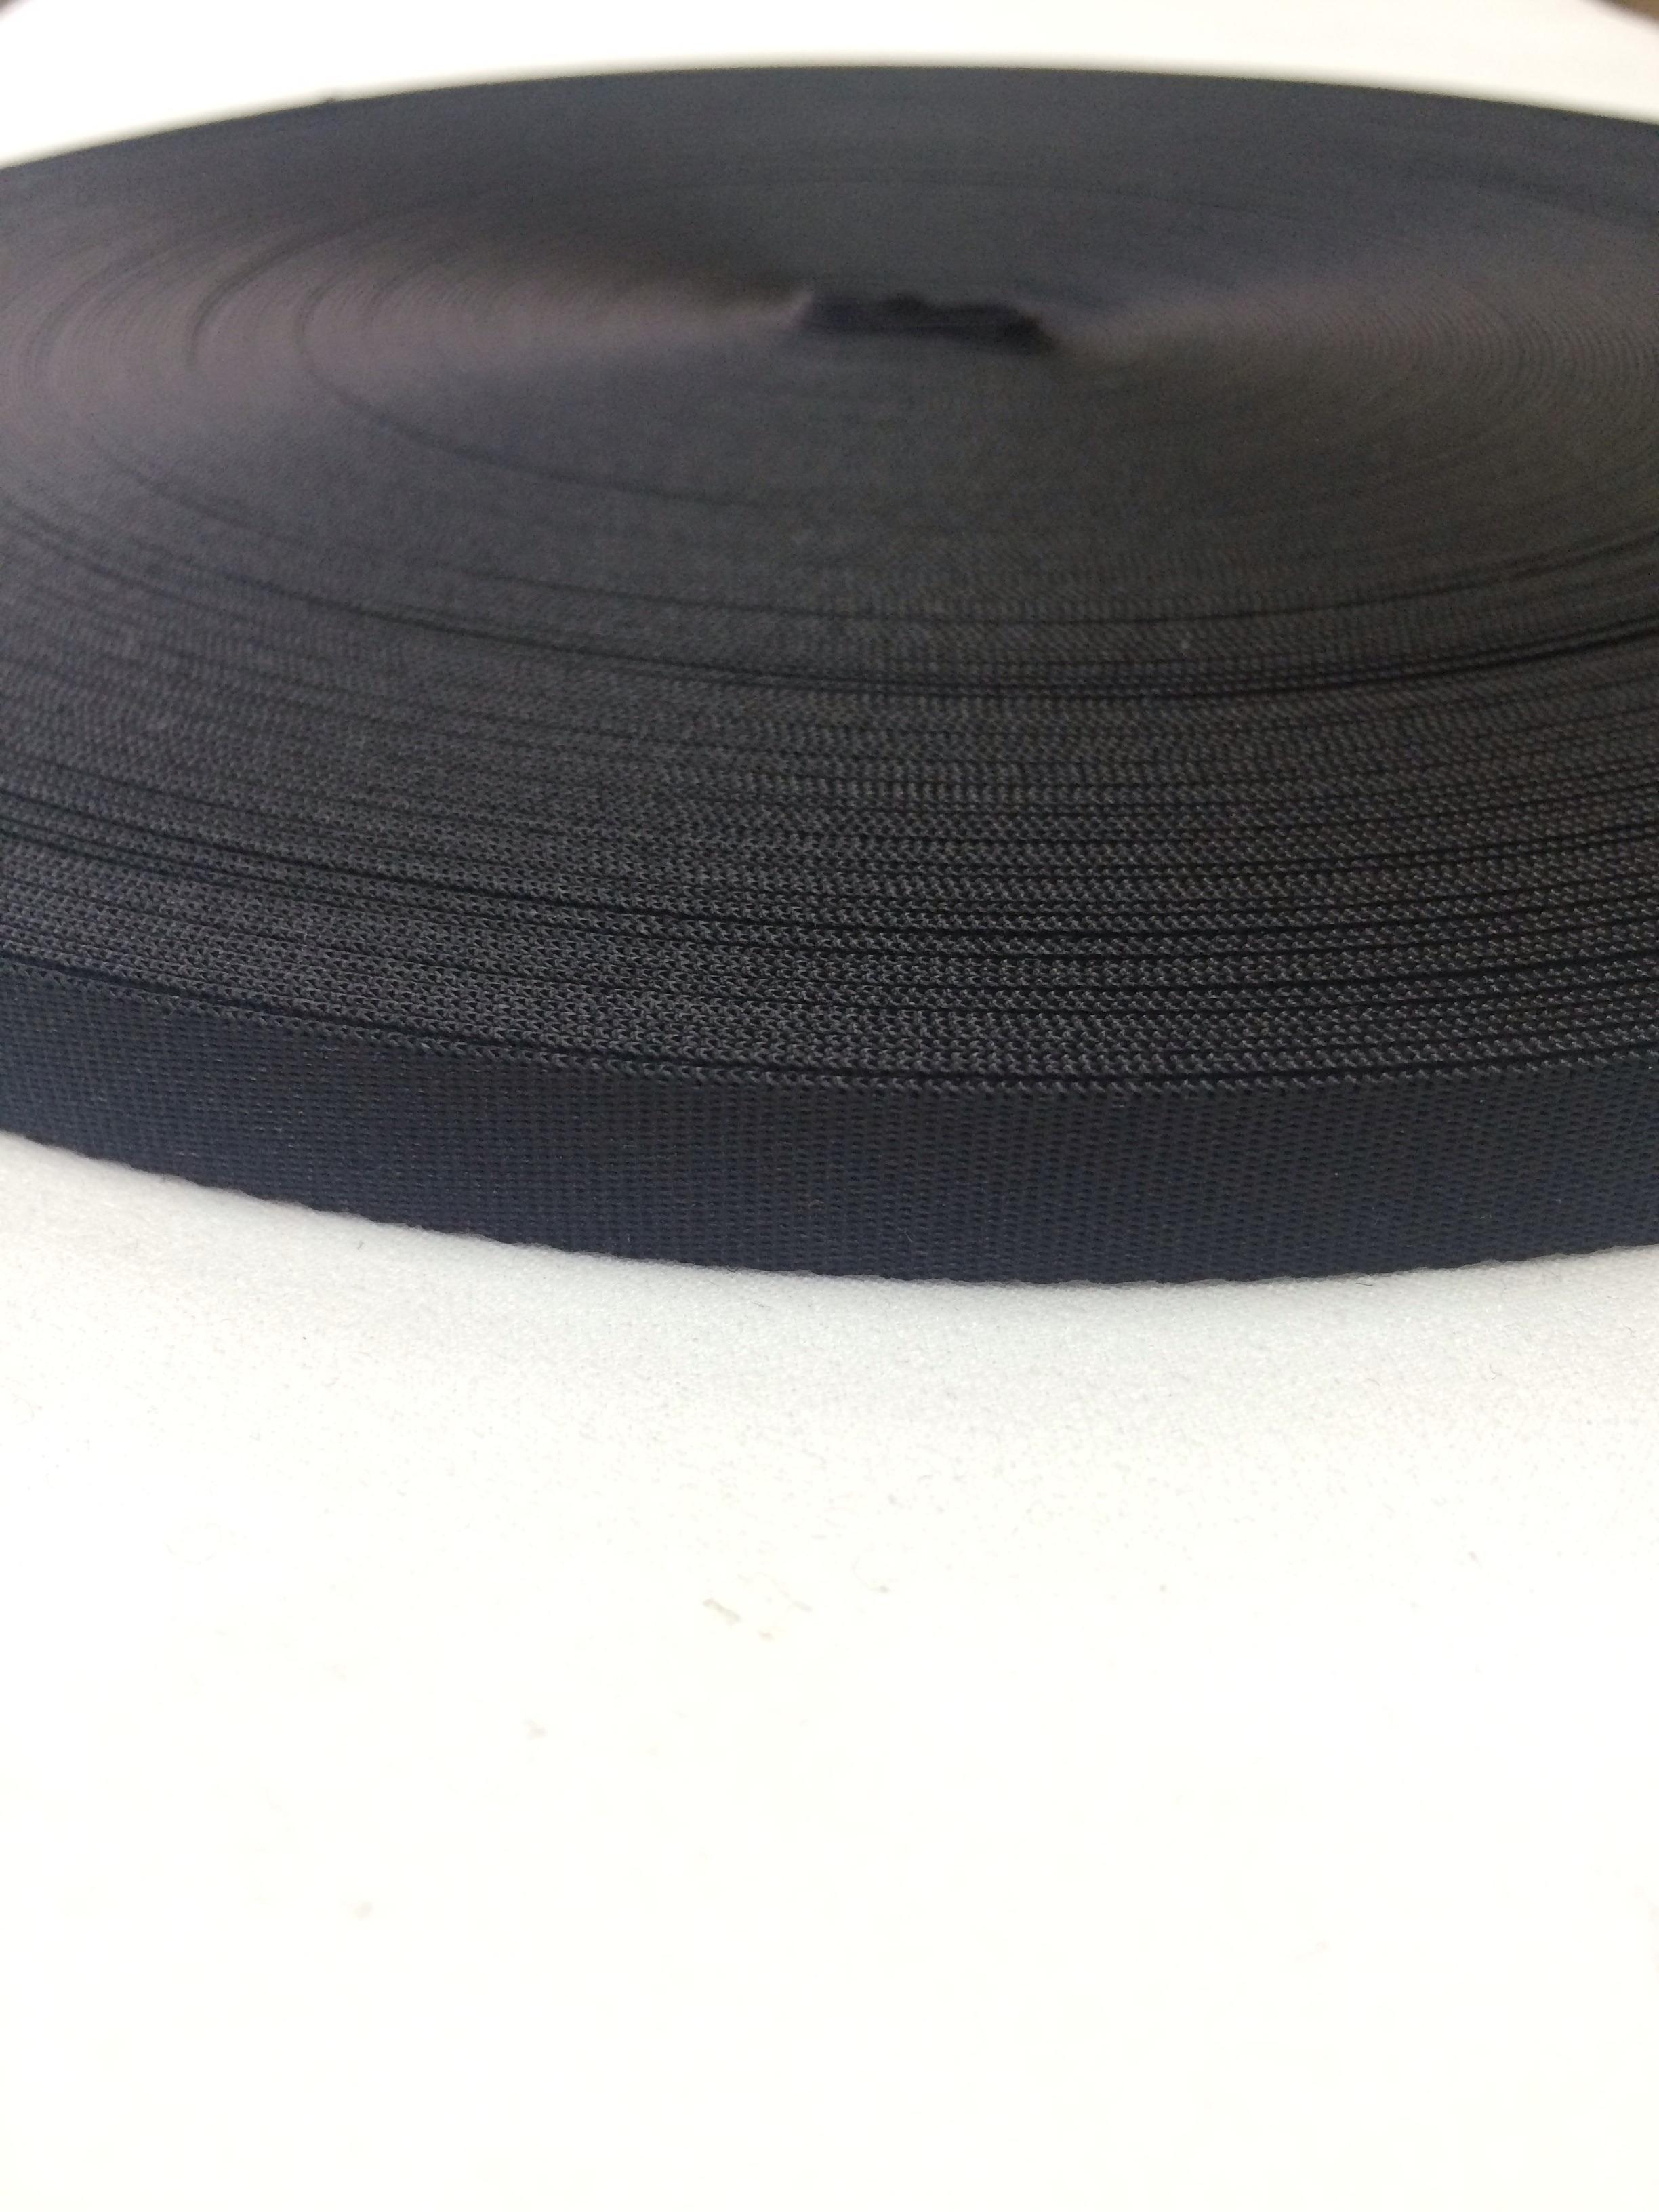 ナイロンテープ 流綾織 6mm幅 1.1mm厚 黒 5m